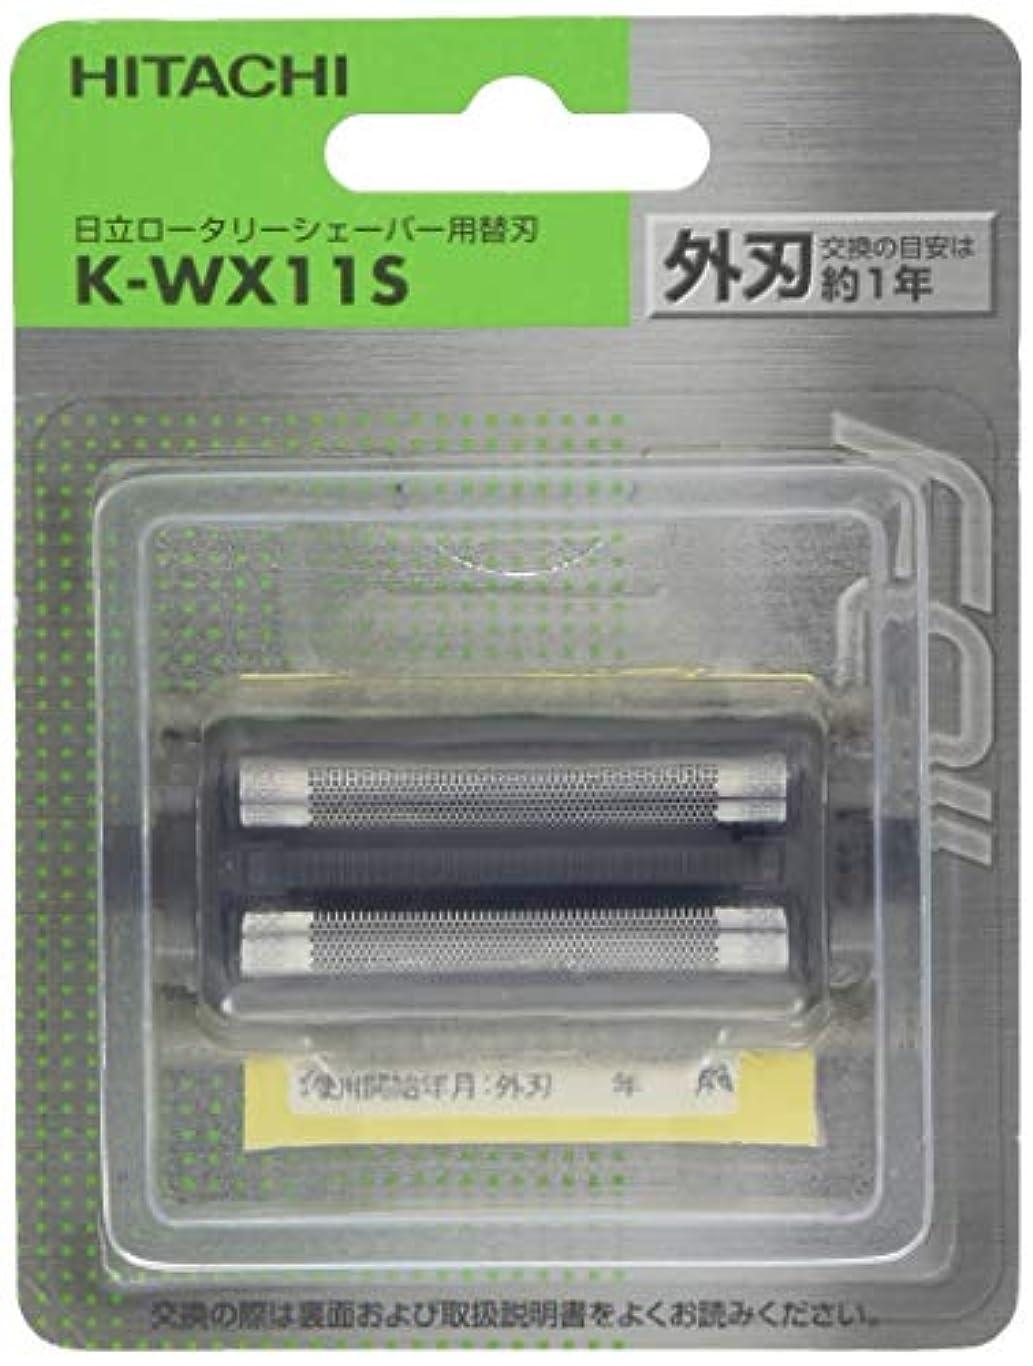 程度どれかマート日立 替刃 外刃 K-WX11S